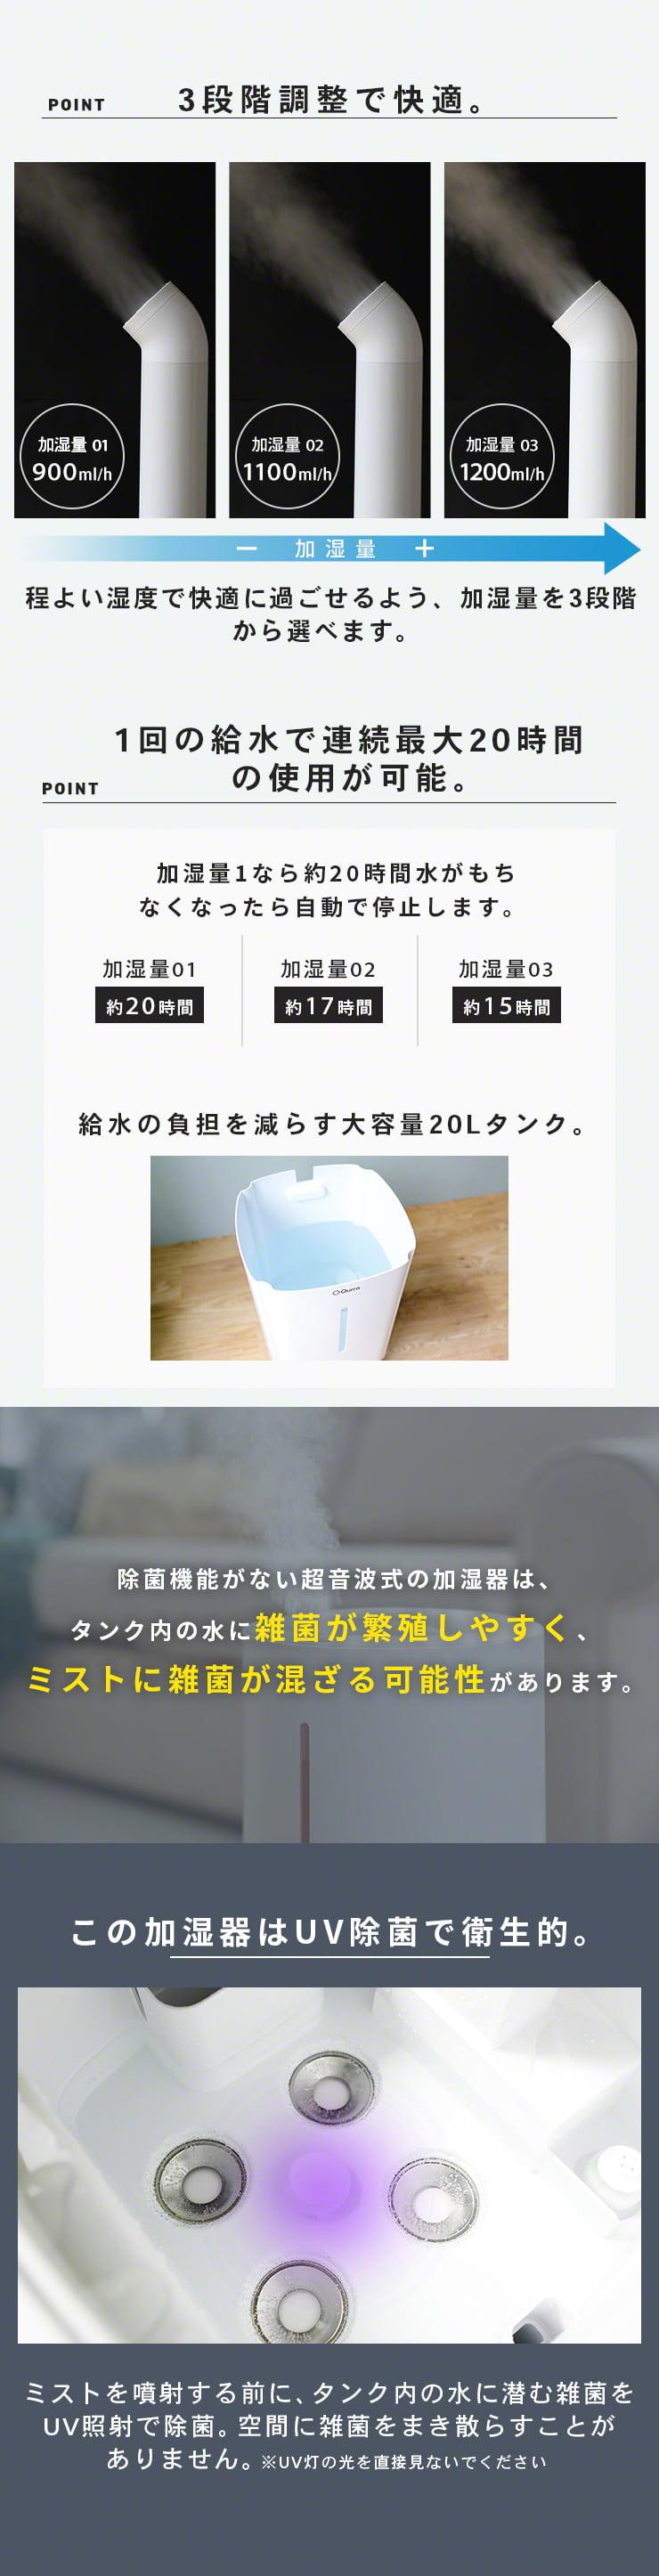 1回の給水で連続最大20時間の使用が可能。